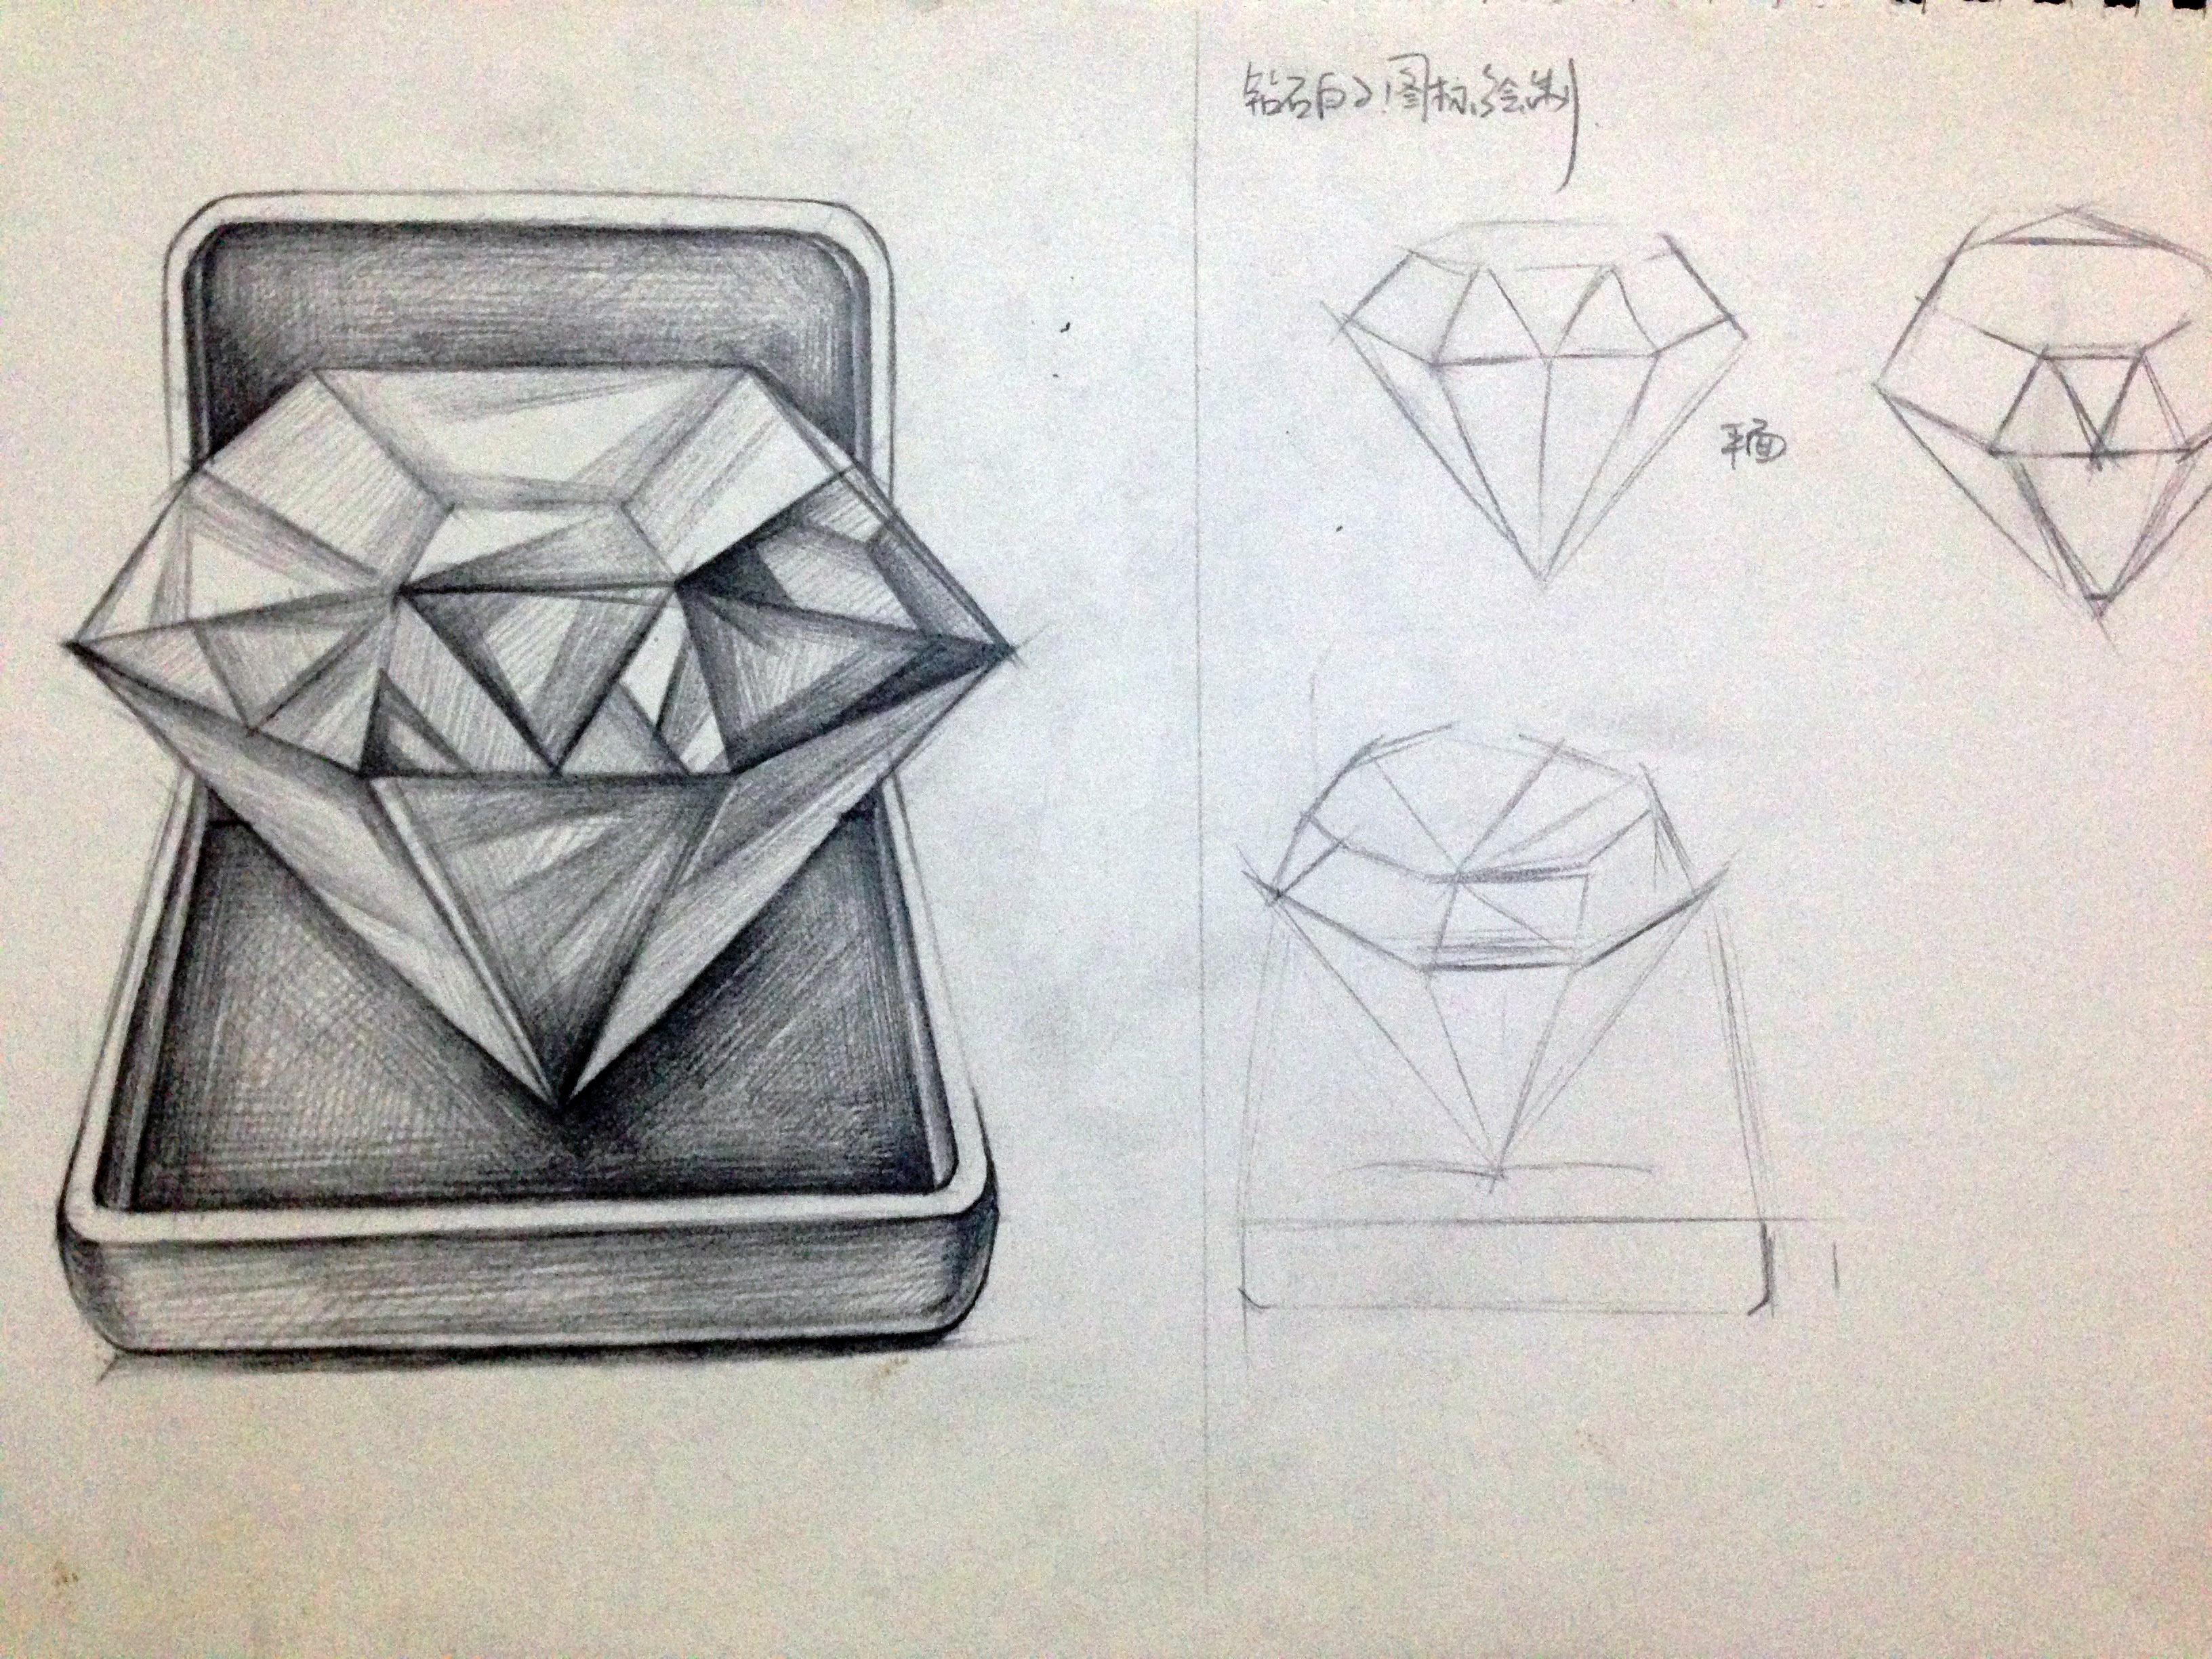 手绘板钻石效果